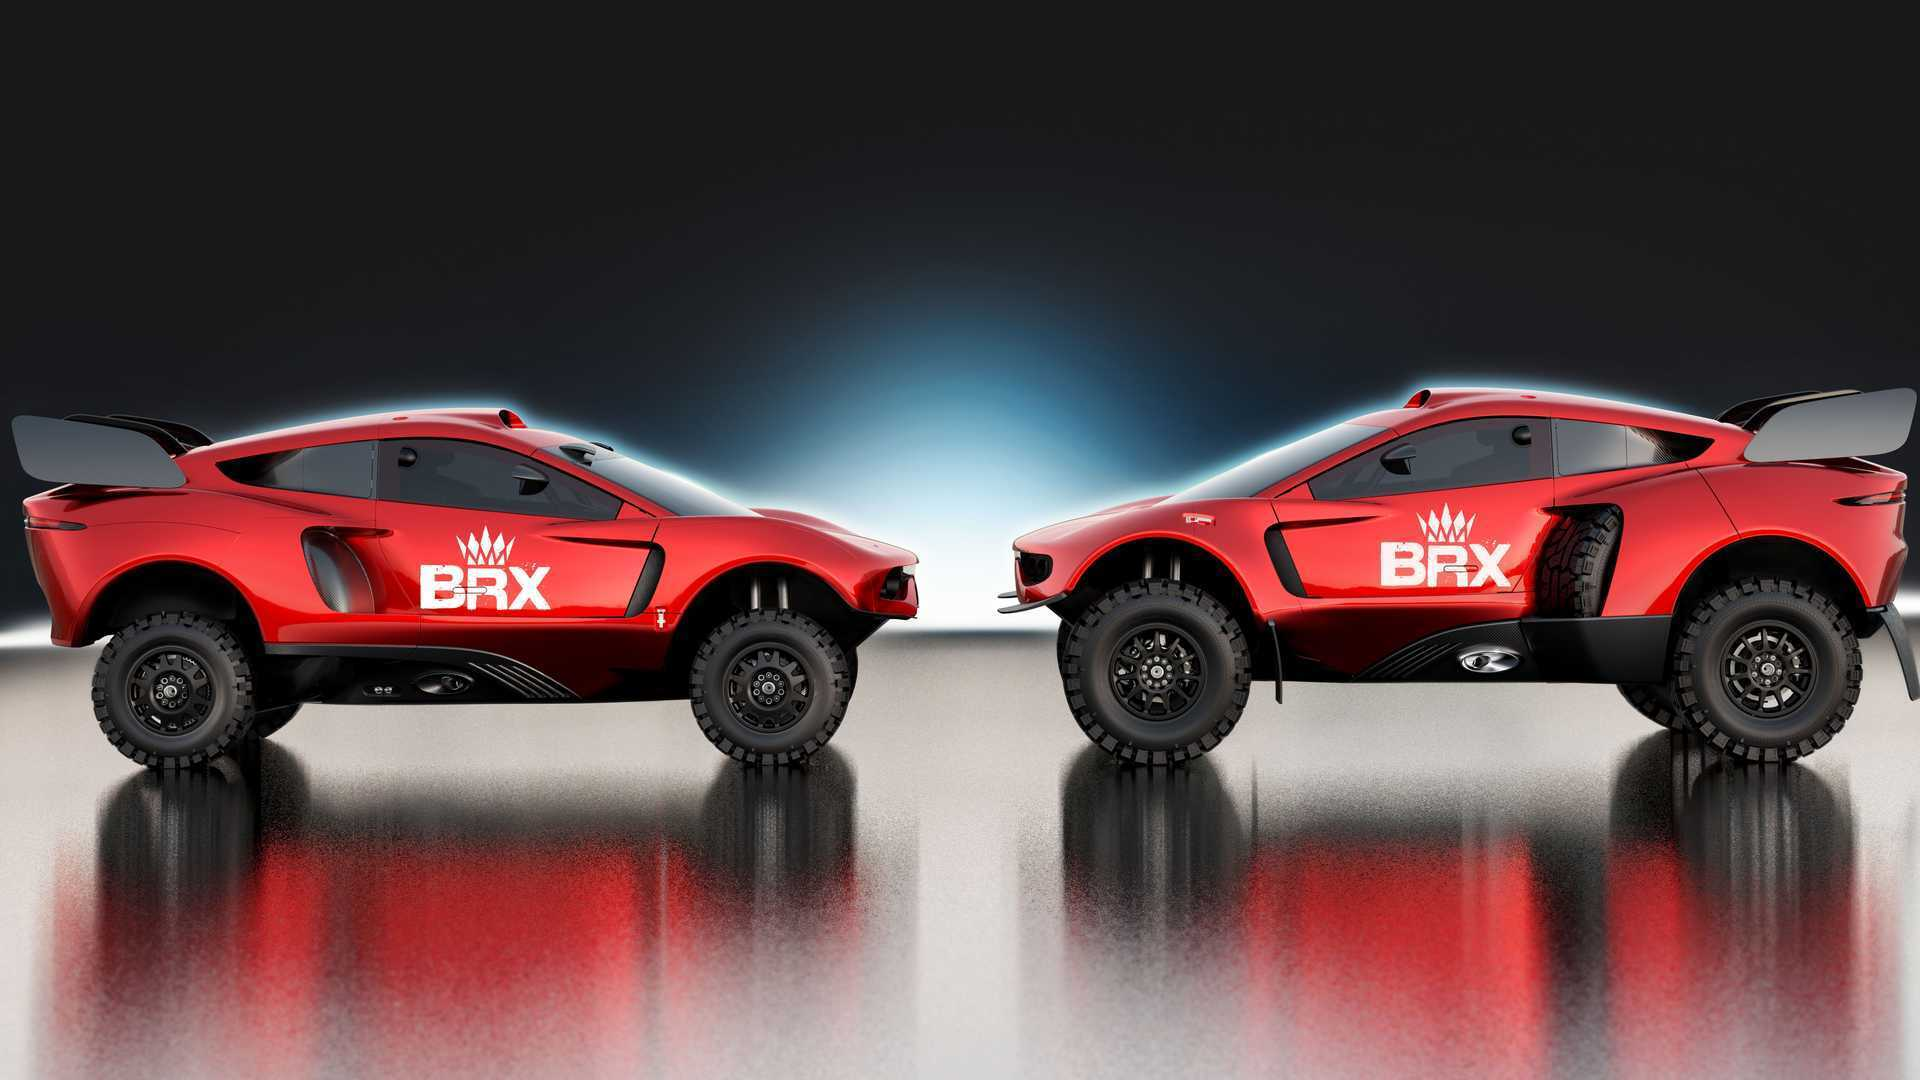 Кузов на 50% новый. Причем, как и прежде, над обликом нового BRX Hunter T1+ работал бывший шеф-дизайнер Jaguar Ян Каллум